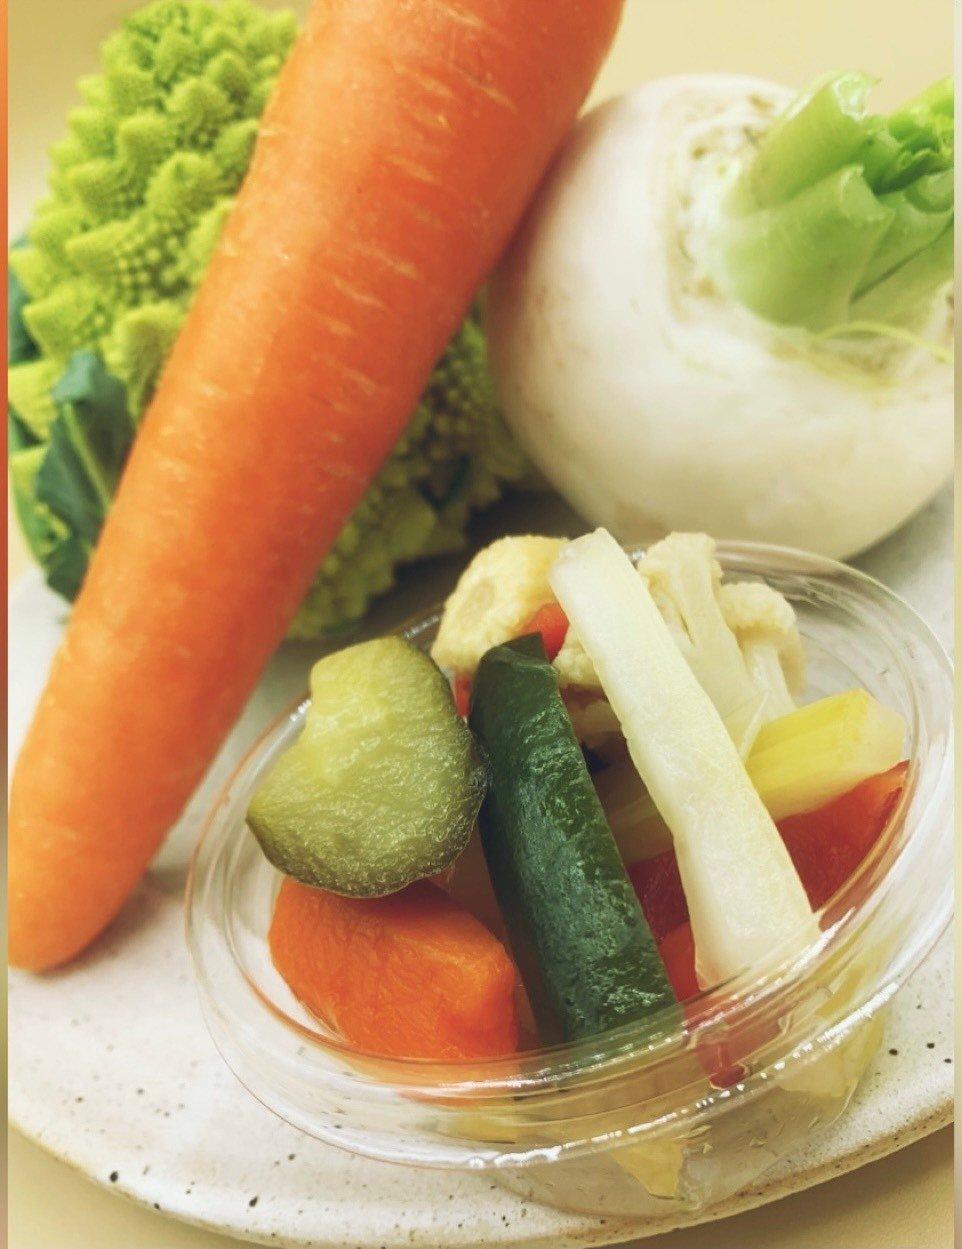 【テイクアウト専用】季節野菜の自家製ピクルスのイメージその1